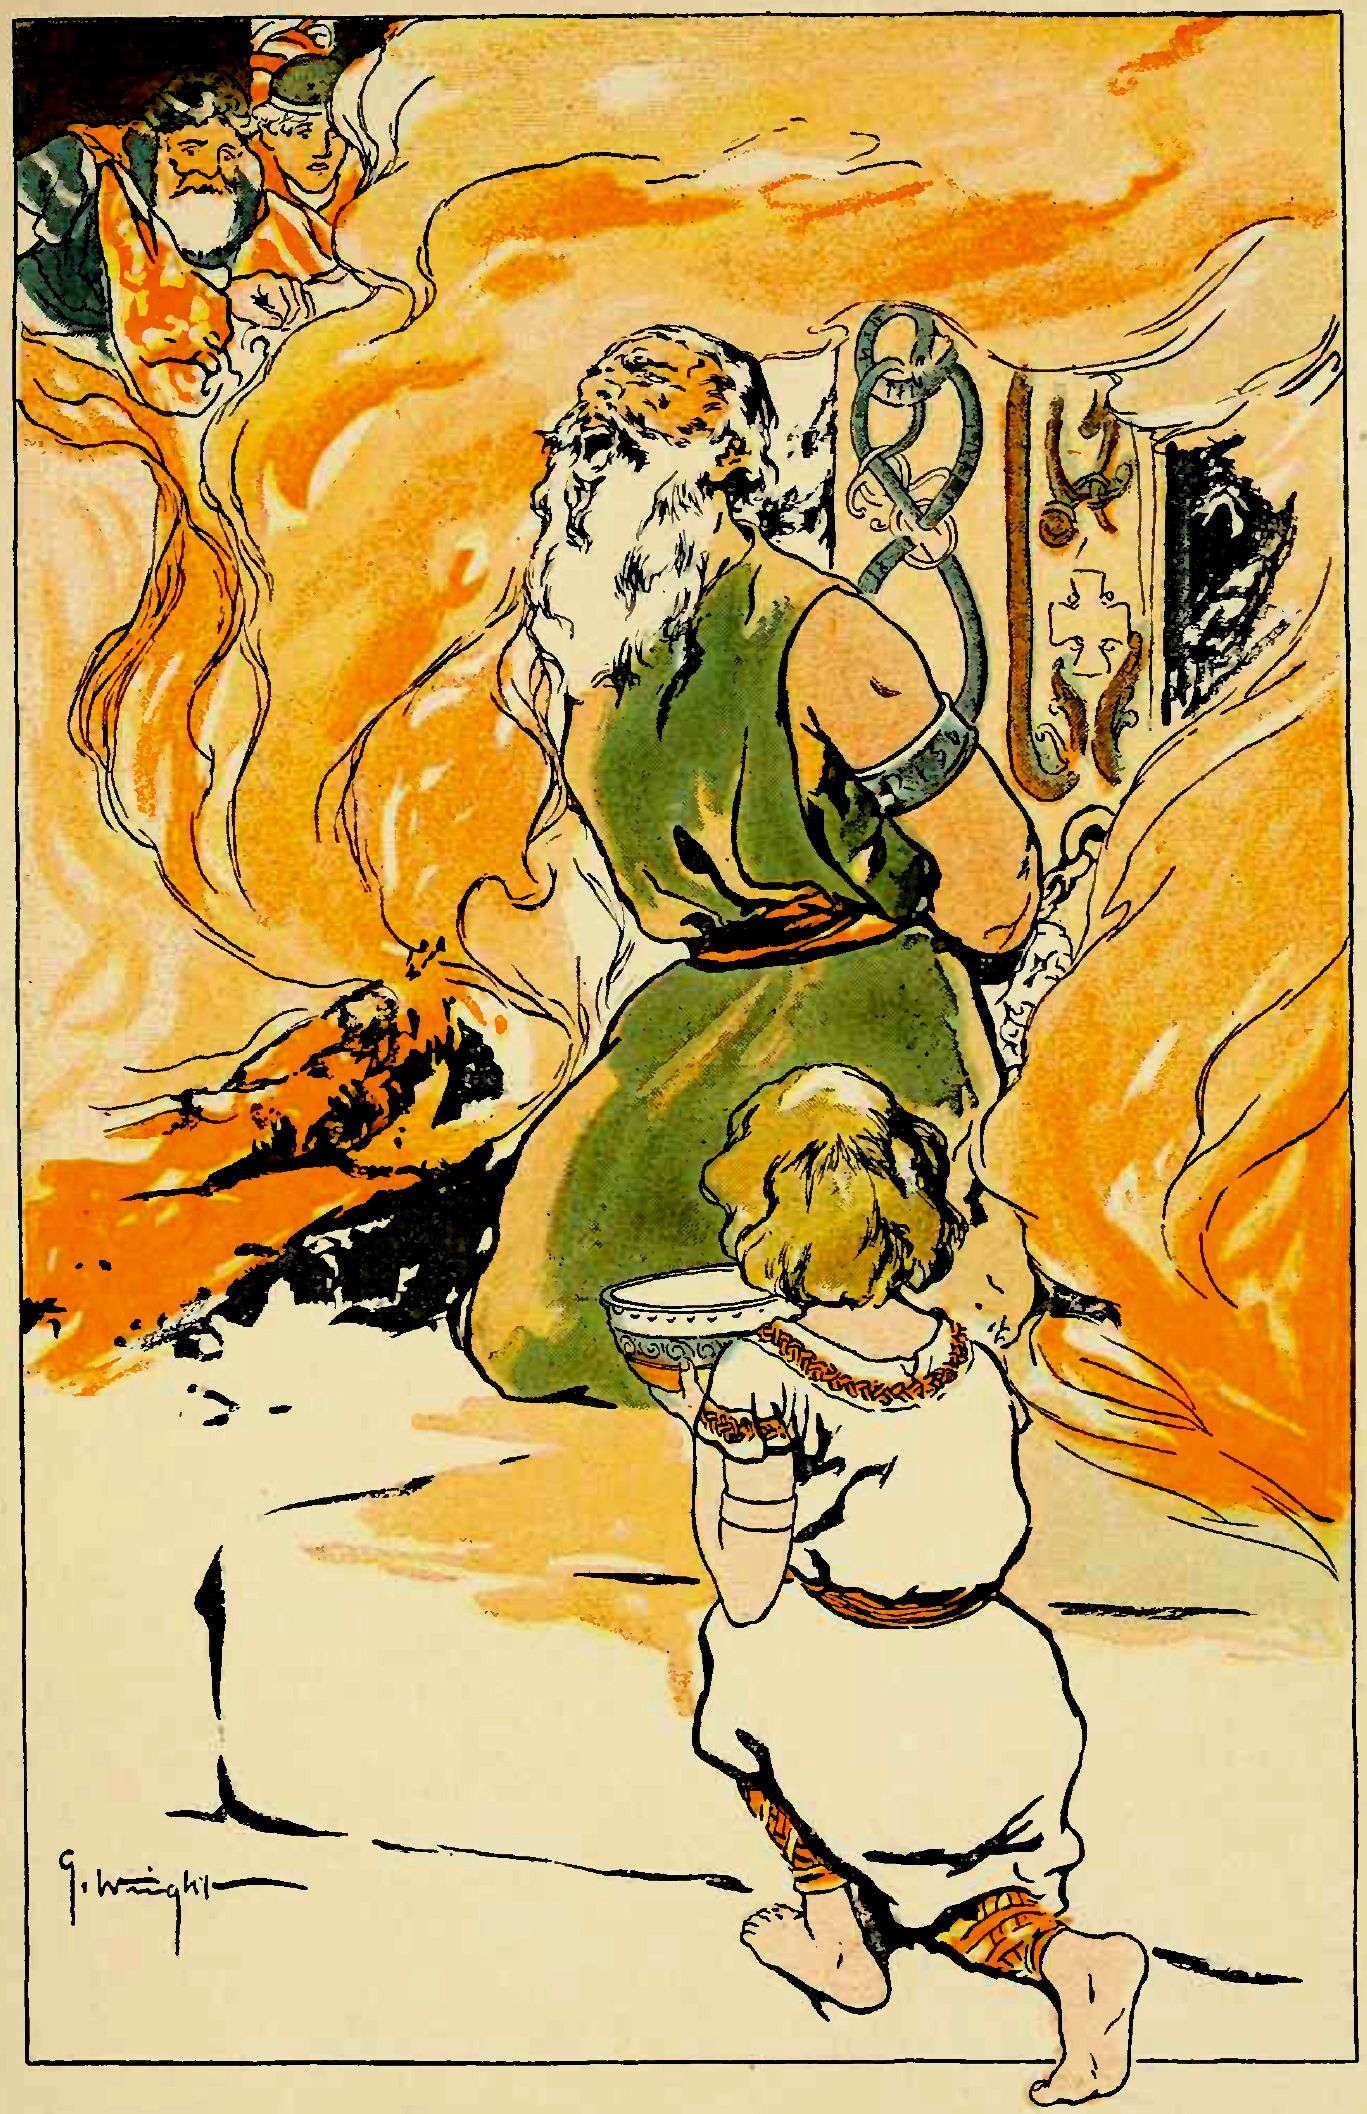 Grimnir, el nombre que tomó Odín para acudir ante Geinord, siendo torturado envuelto en llamas, mientras un jóven Agnar le entrega un poco de agua. Pintura de George Wright.